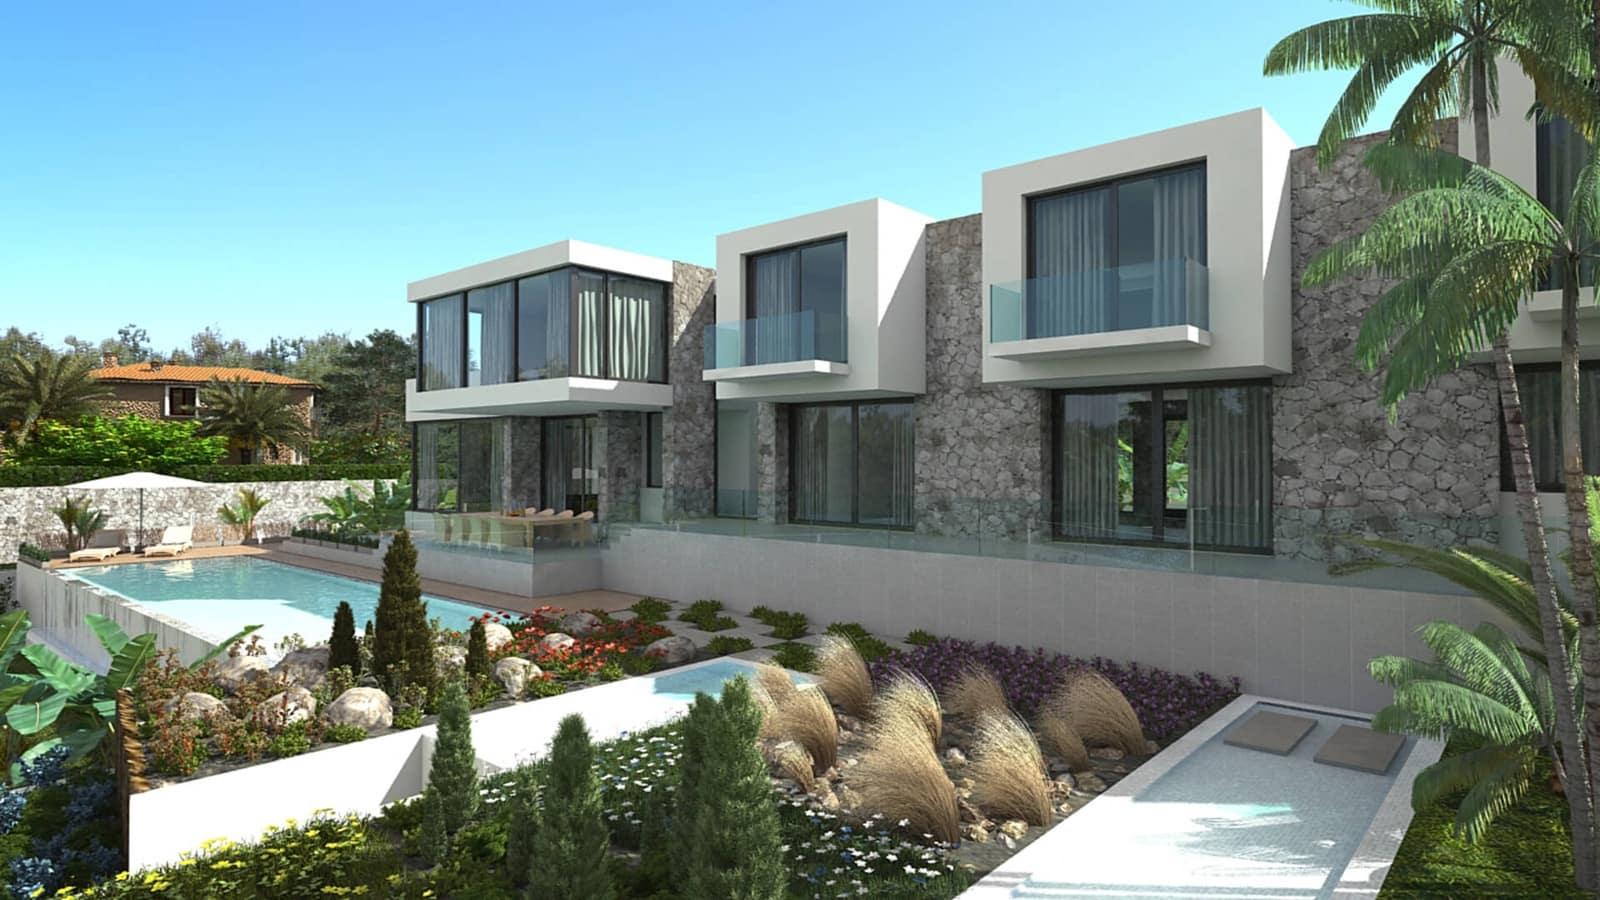 4 quarto Moradia para venda em Cala Vinyes / Cala Vinyas / Cala Vinas com piscina - 1 770 000 € (Ref: 5747322)